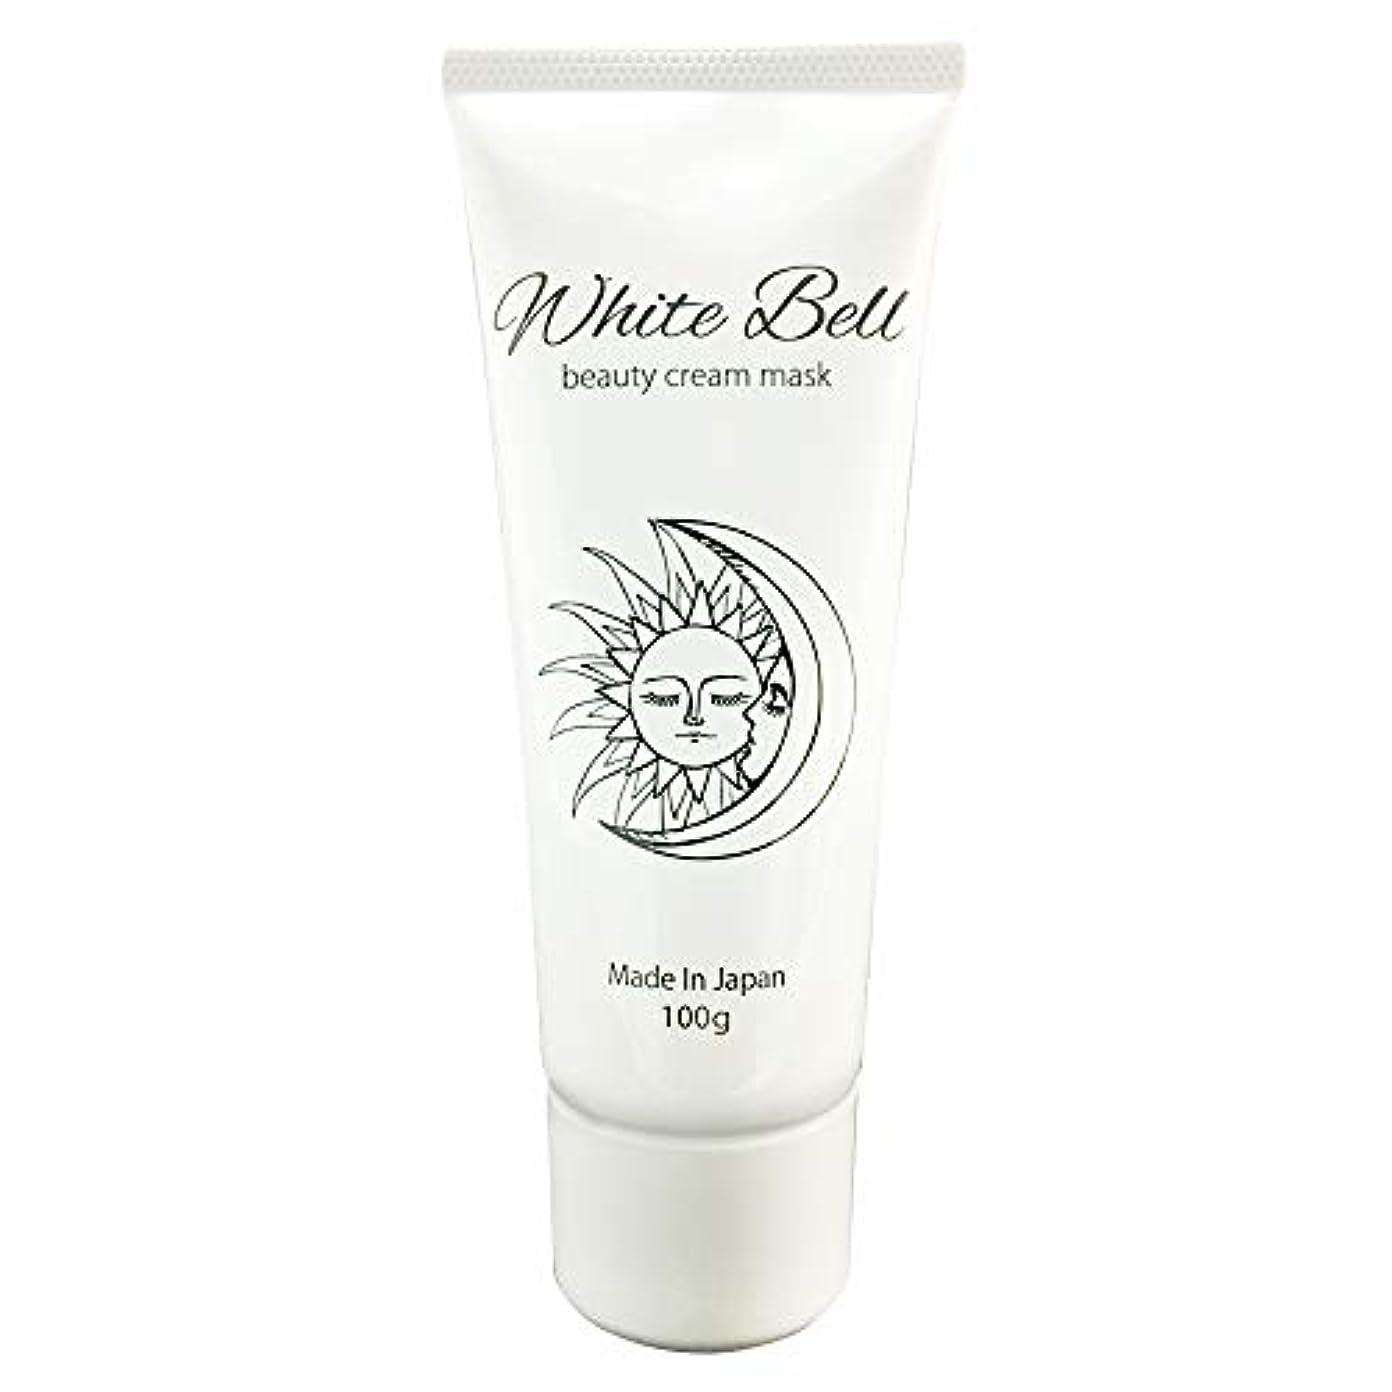 耐えられる地下室ホワイトベル ビューティークリームマスク White-Bell beauty cream mask ナイトクリーム オールインワン